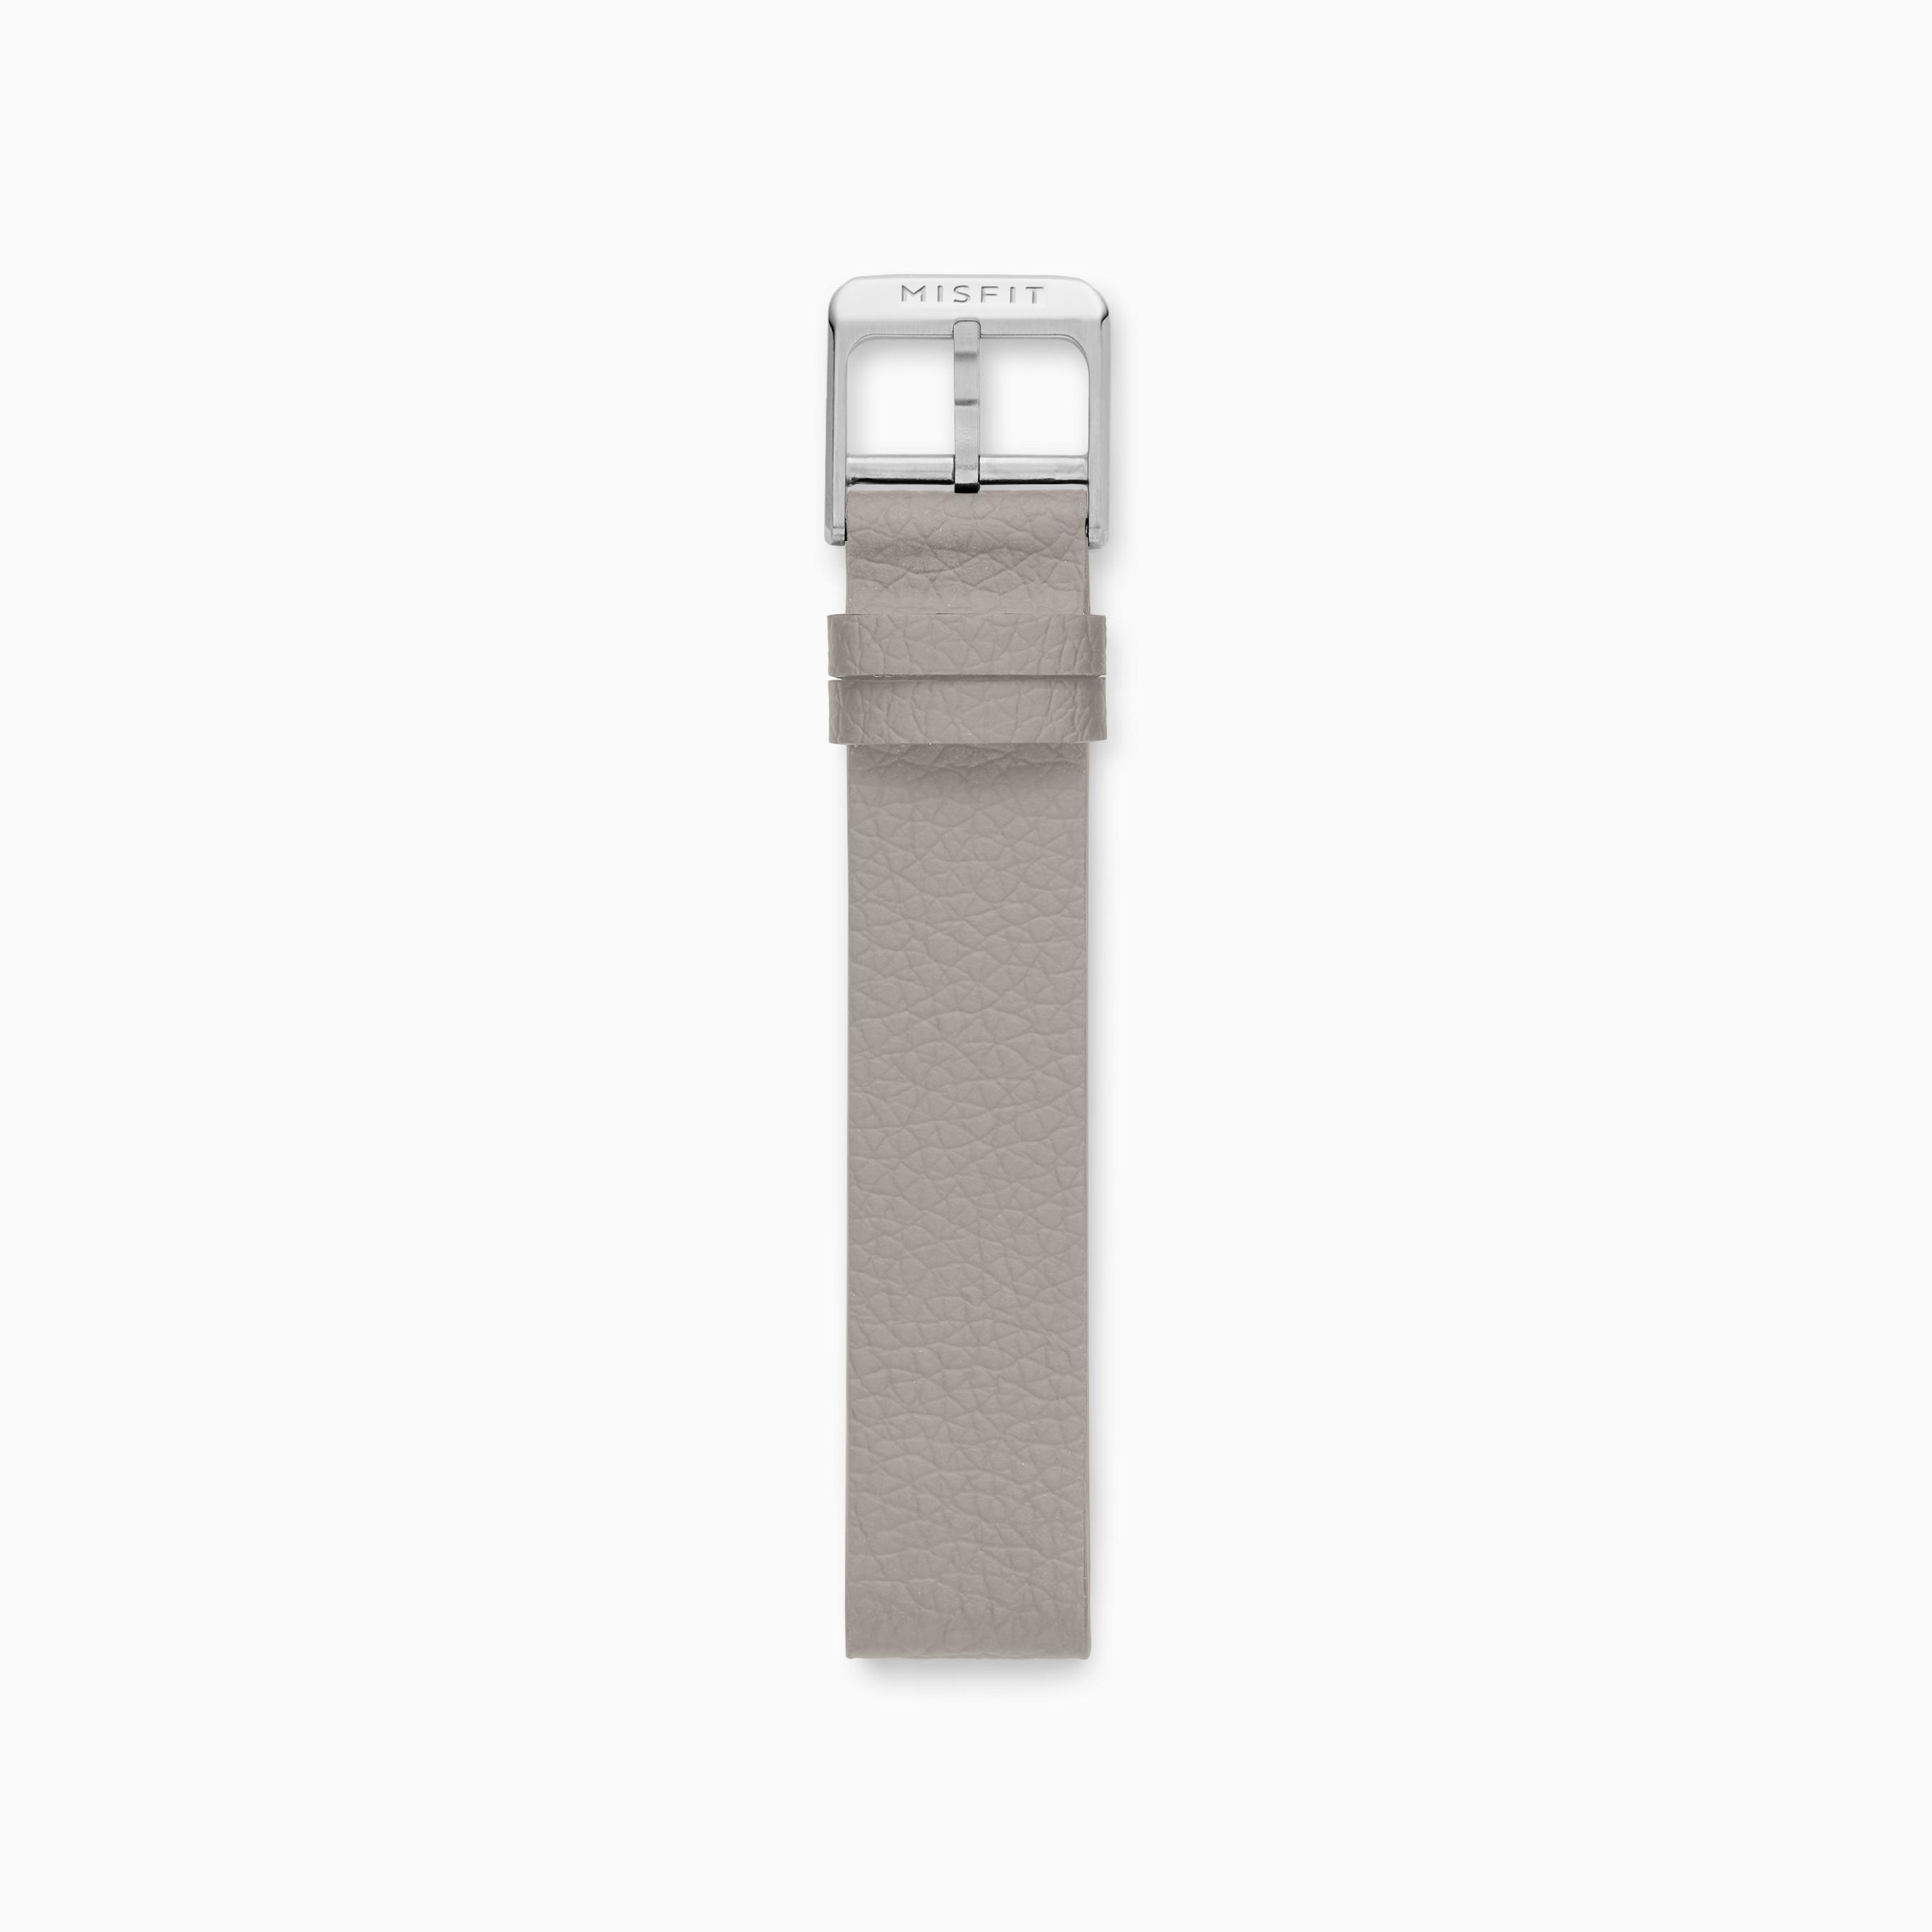 16mm Bracelet en silicone façon cuir pour montre connectée Misfit